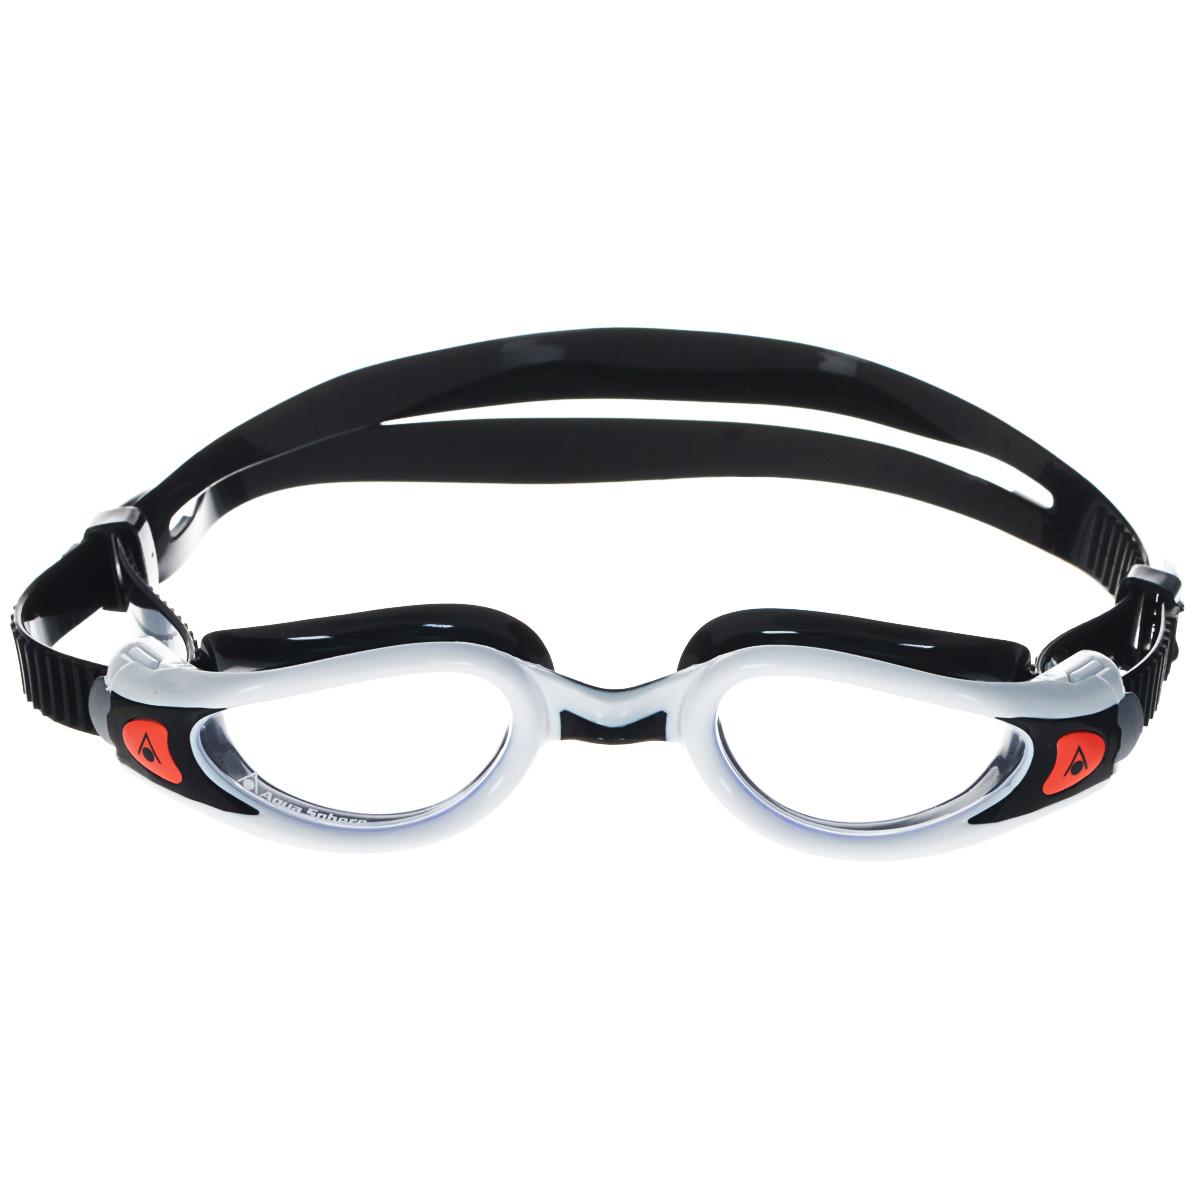 Очки для плавания Aqua Sphere Kaiman Exo Lady, цвет: белый, черныйTN 175710Модные и стильные очки Kaiman Exo Lady идеально подходят для плавания в бассейне или открытой воде. Особая технология изогнутых линз позволяет обеспечить превосходный обзор в 180°, не искажая при этом изображение. Очки дают 100% защиту от ультрафиолетового излучения. Специальное покрытие препятствует запотеванию стекол. Новая технология каркаса EXO-core bi-material обеспечивает максимальную стабильность и комфорт. Материал: софтерил, plexisol.